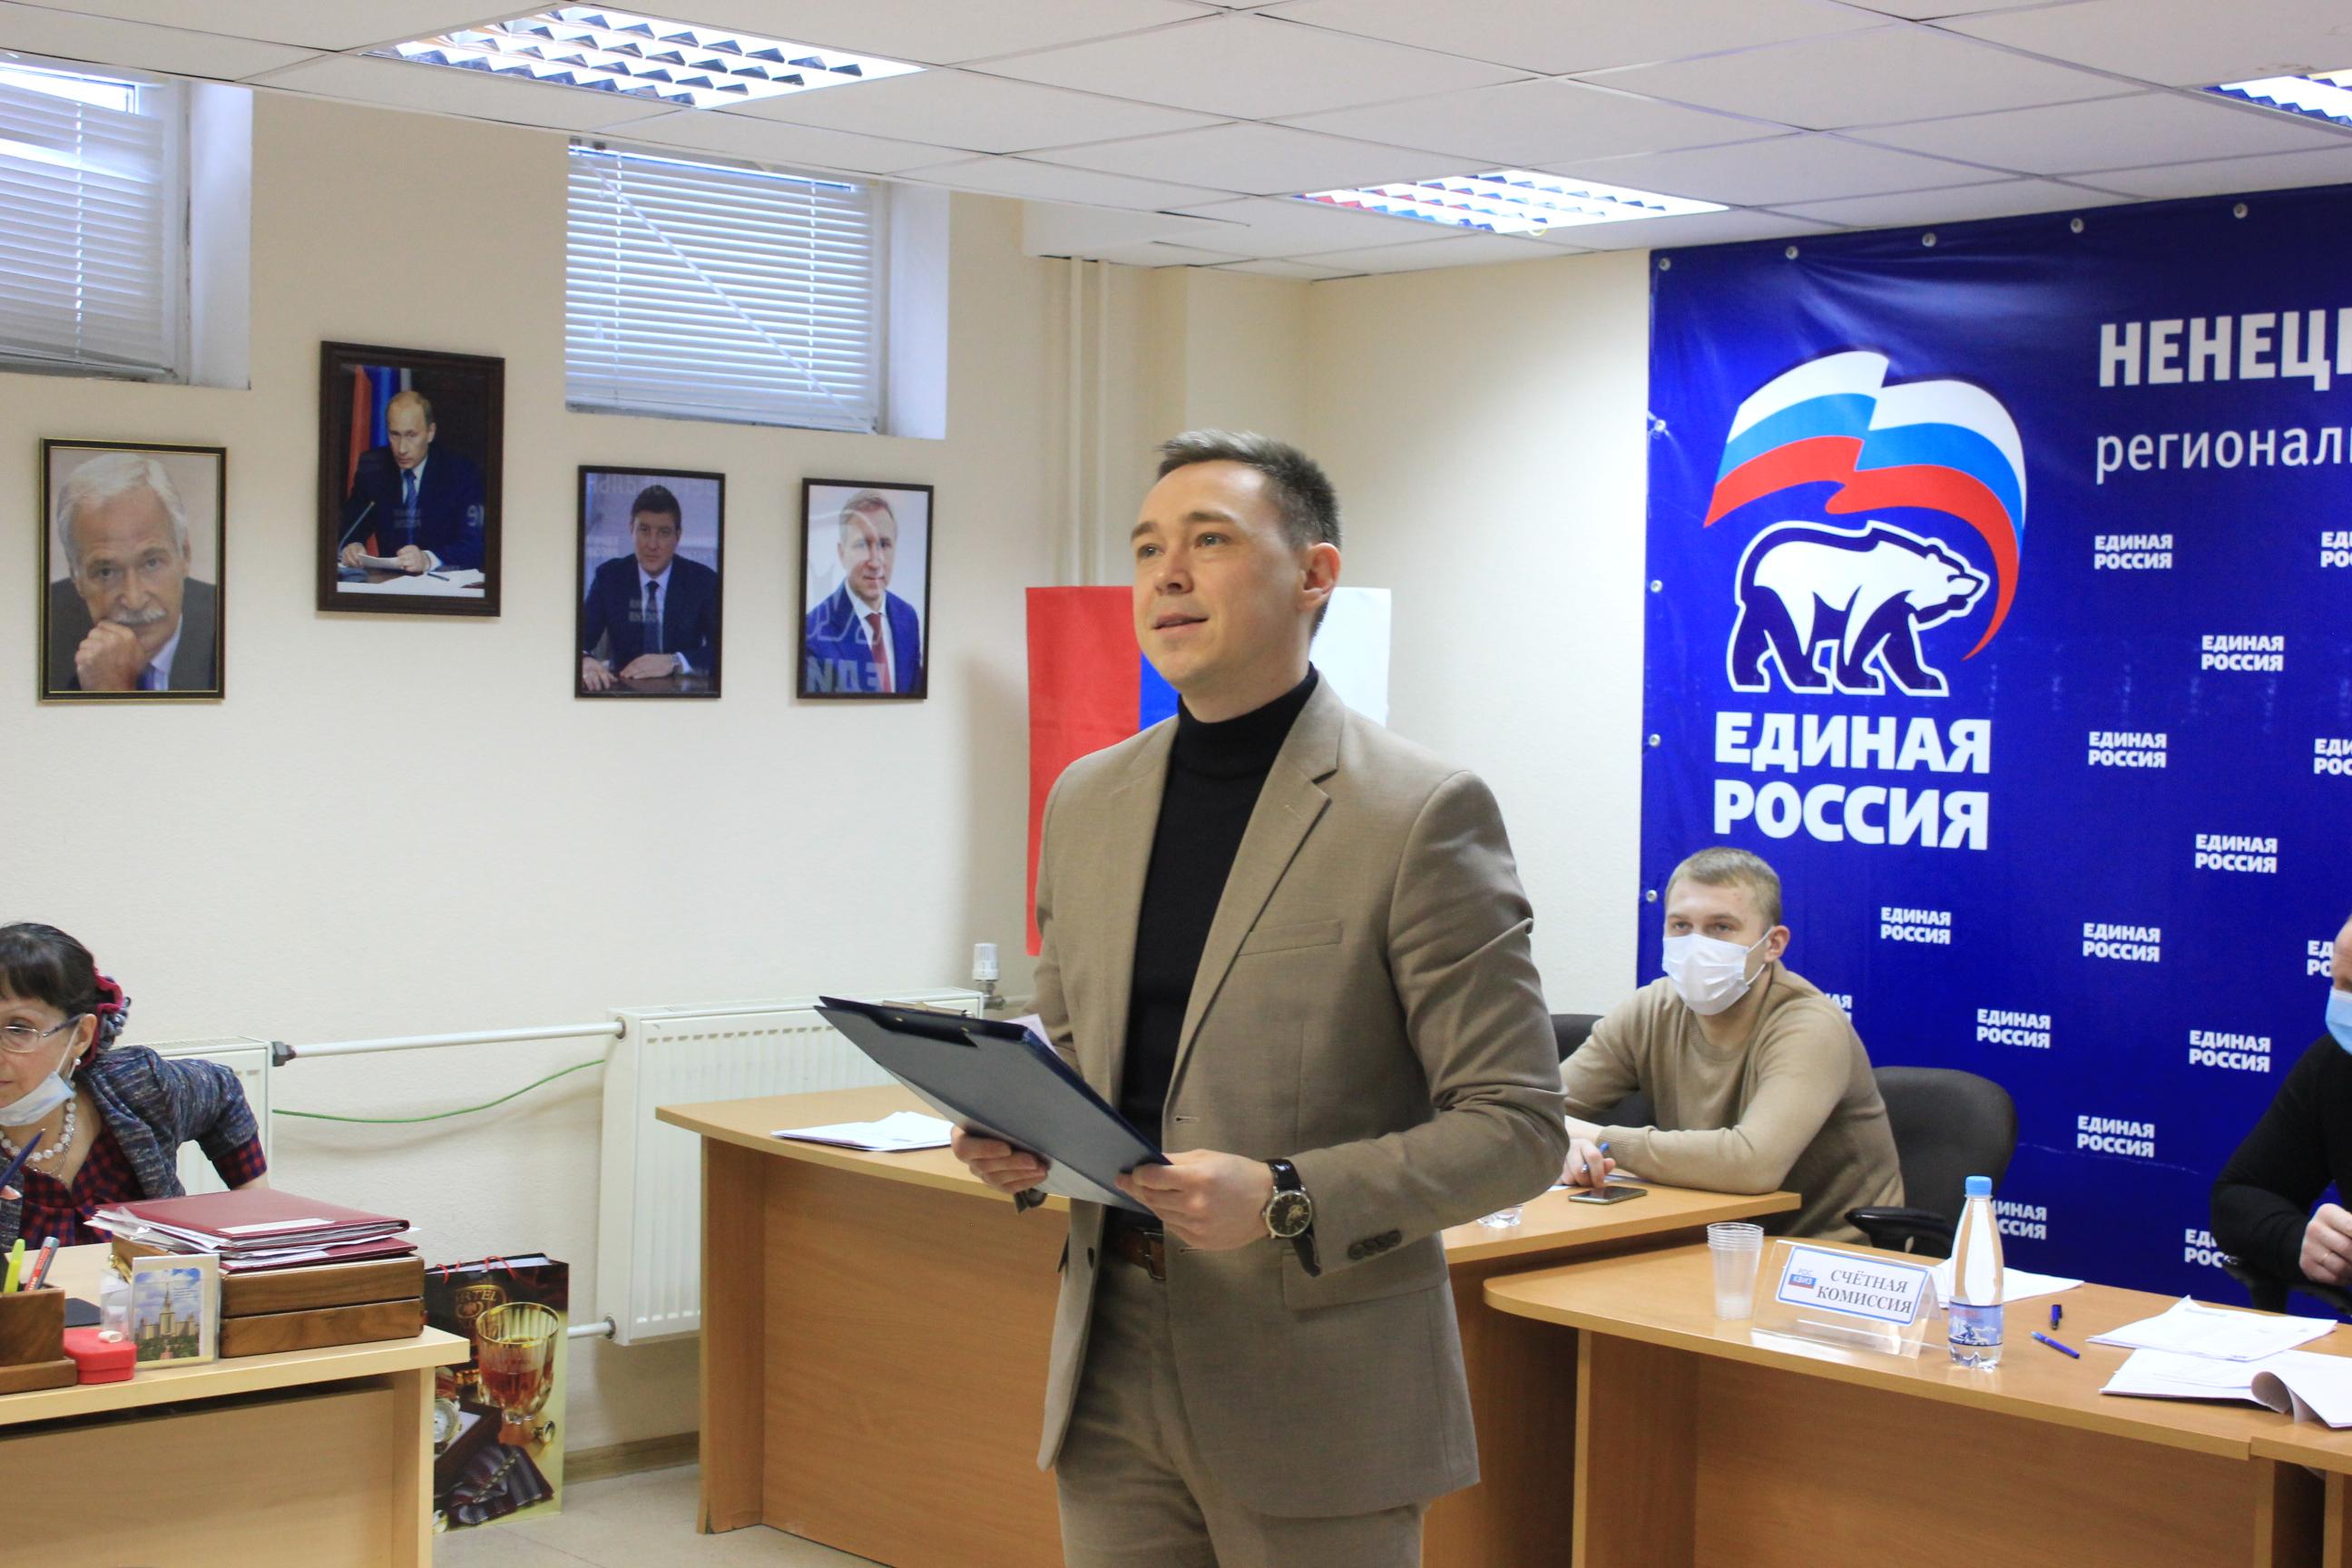 Вел РосКвиз руководитель реготделения МГЕР Алексей Савенков